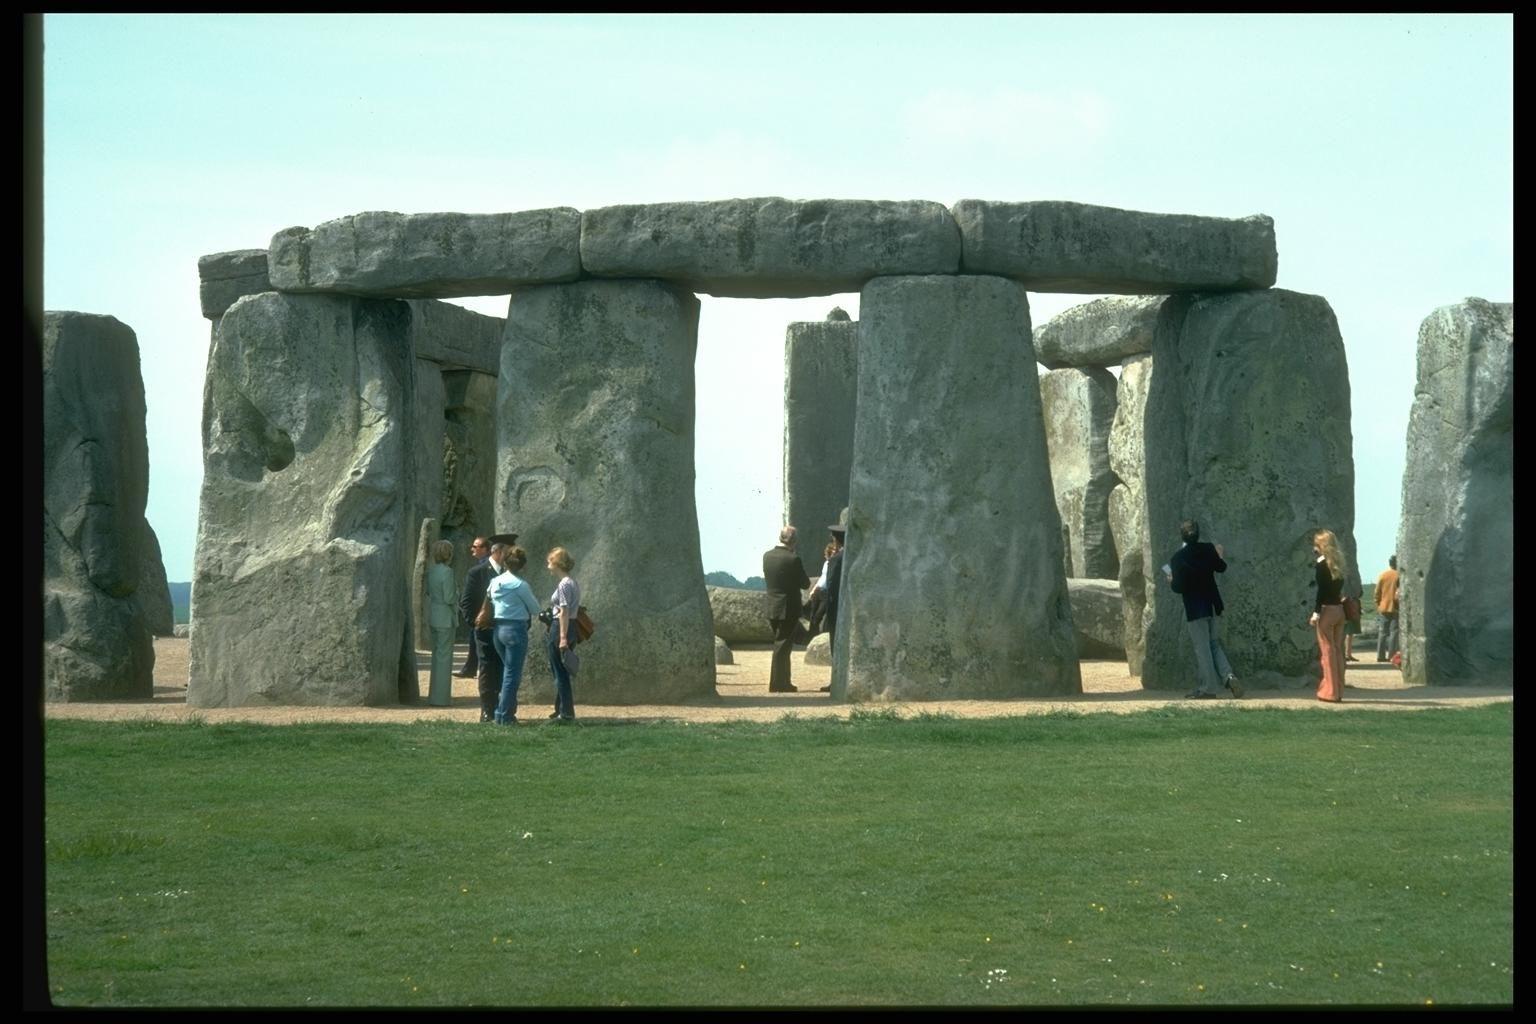 ستونهنج من اشهر المعالم الاثرية في العالم Architecture Photography Landmarks Landscape Photography